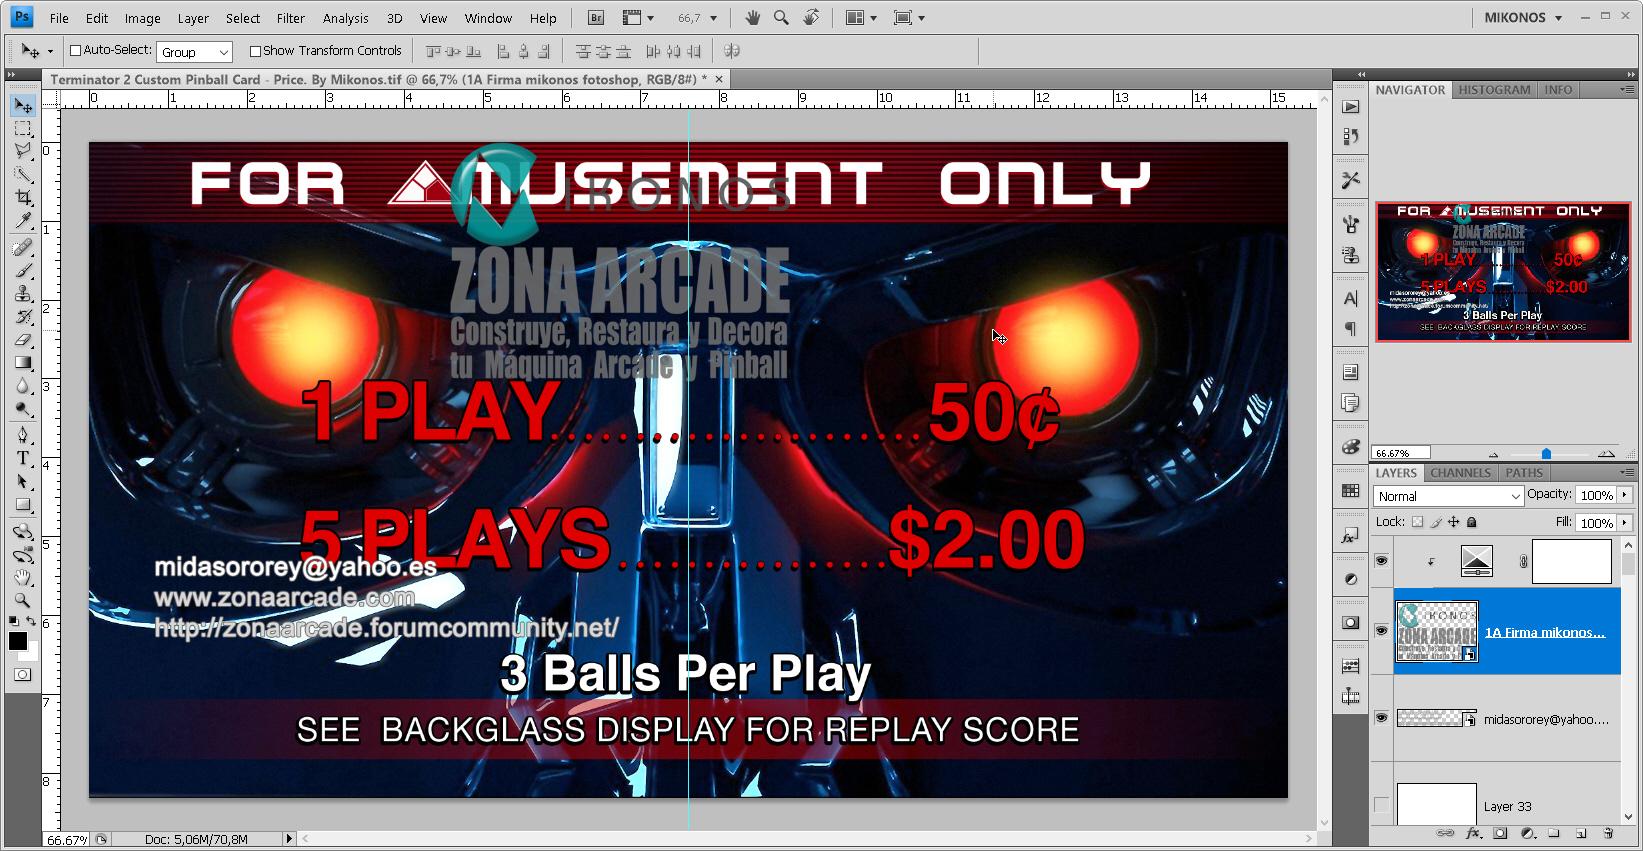 Terminator%202%20Custom%20Pinball%20Card%20-%20Price.%20Mikonos1.jpg